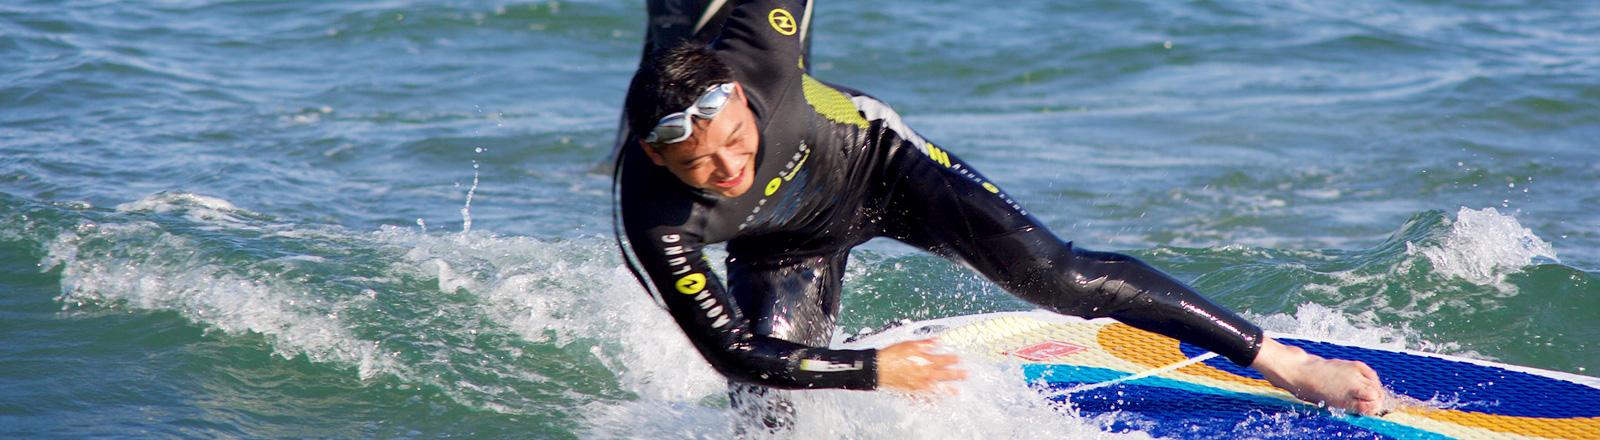 Surfer auf einem Board